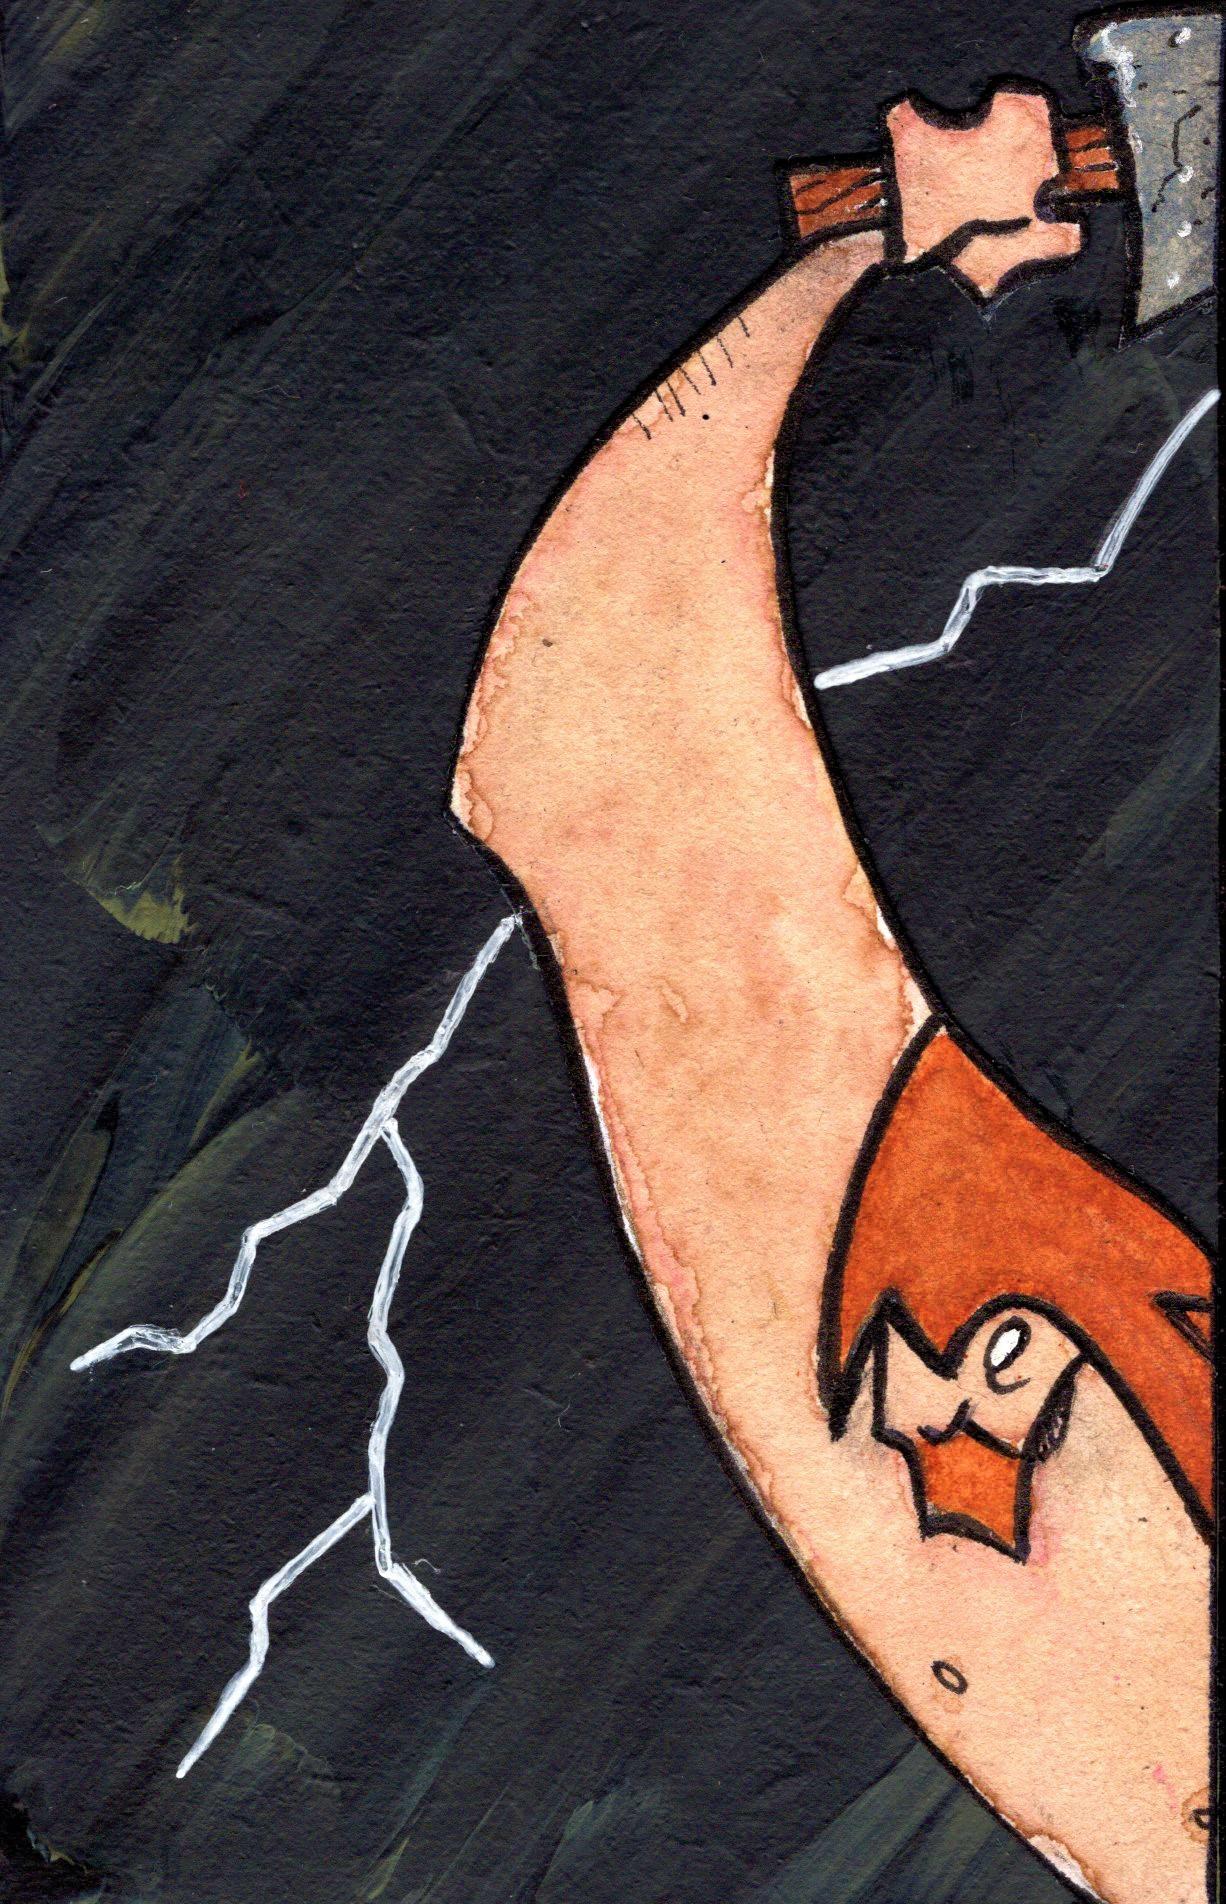 Thunderer.